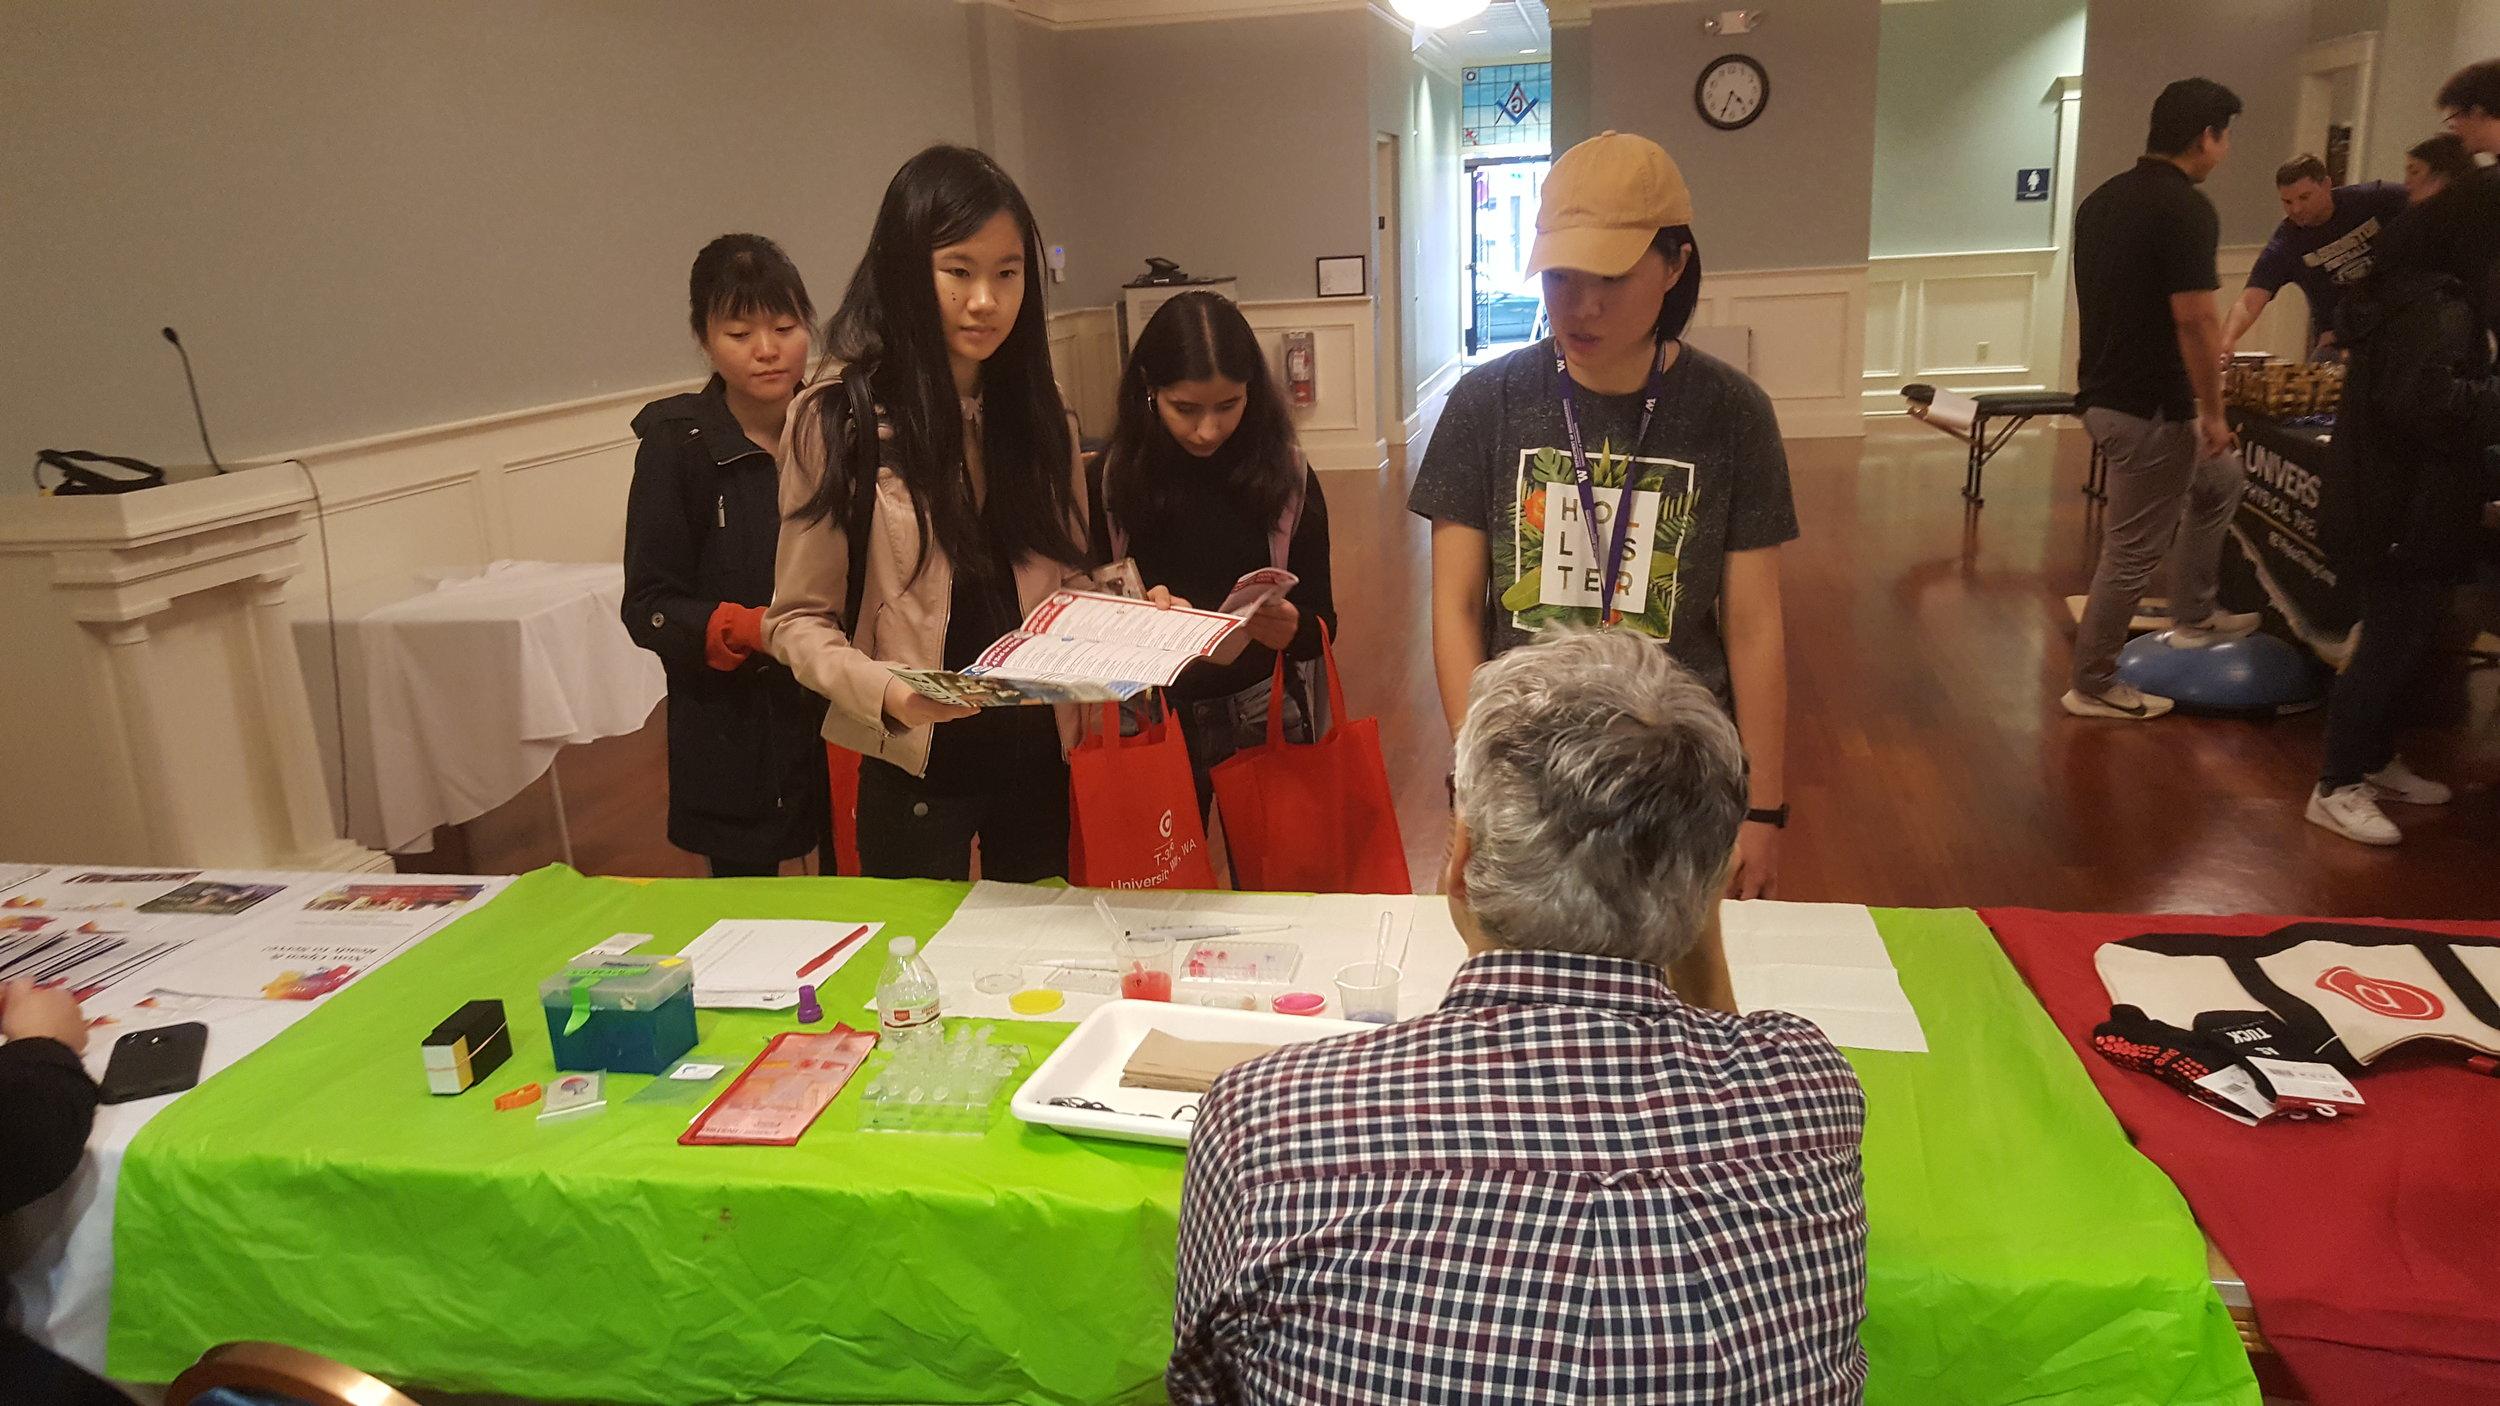 Dr. Sauro explains SoundBio's mission to new students.